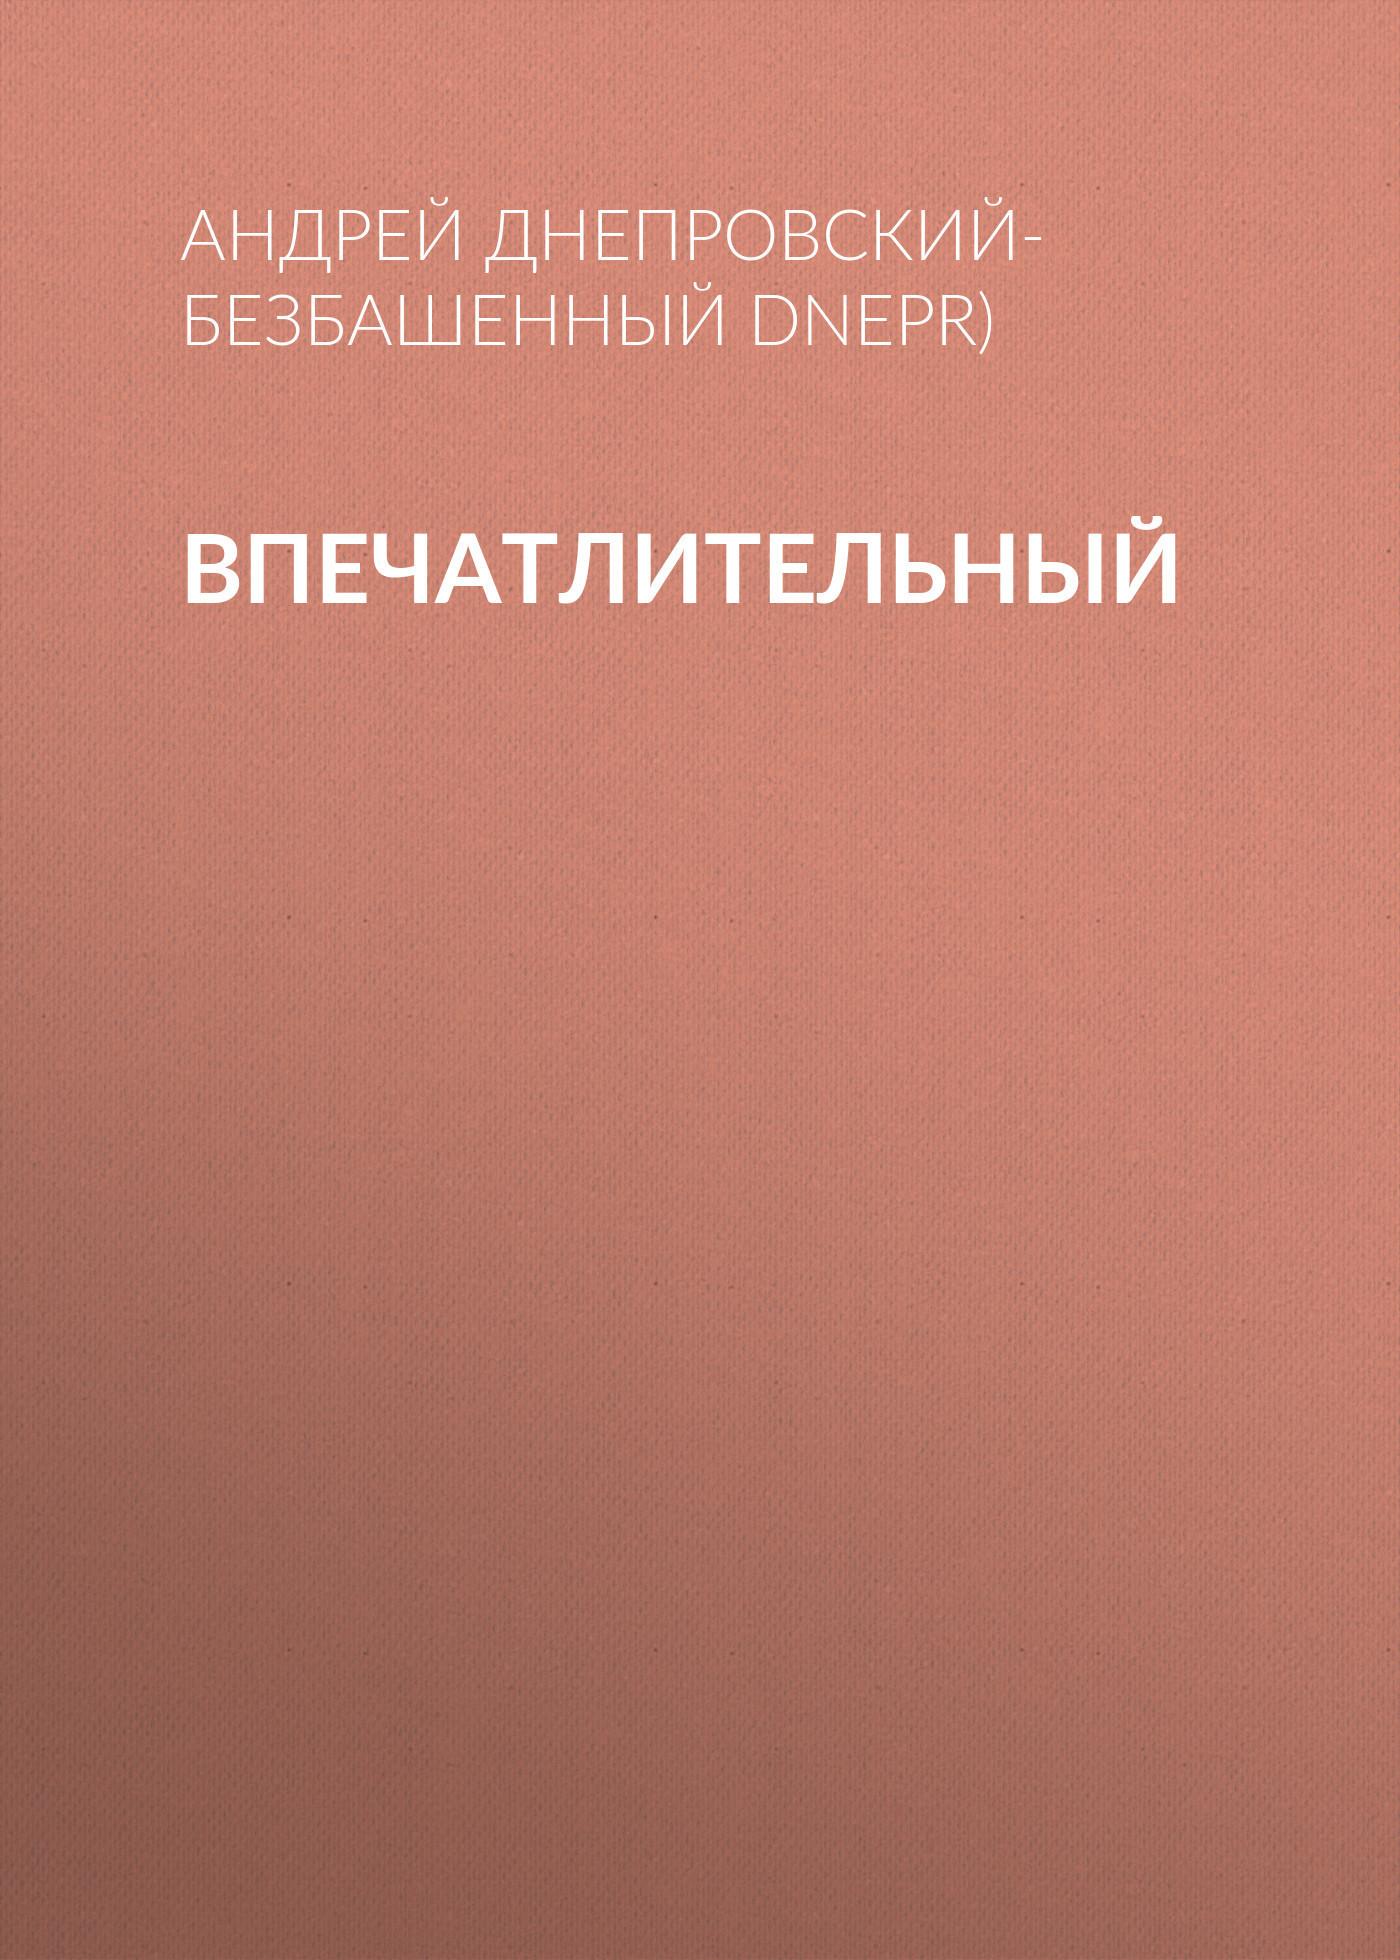 Андрей Днепровский-Безбашенный (A.DNEPR) Впечатлительный андрей битов текст как текст